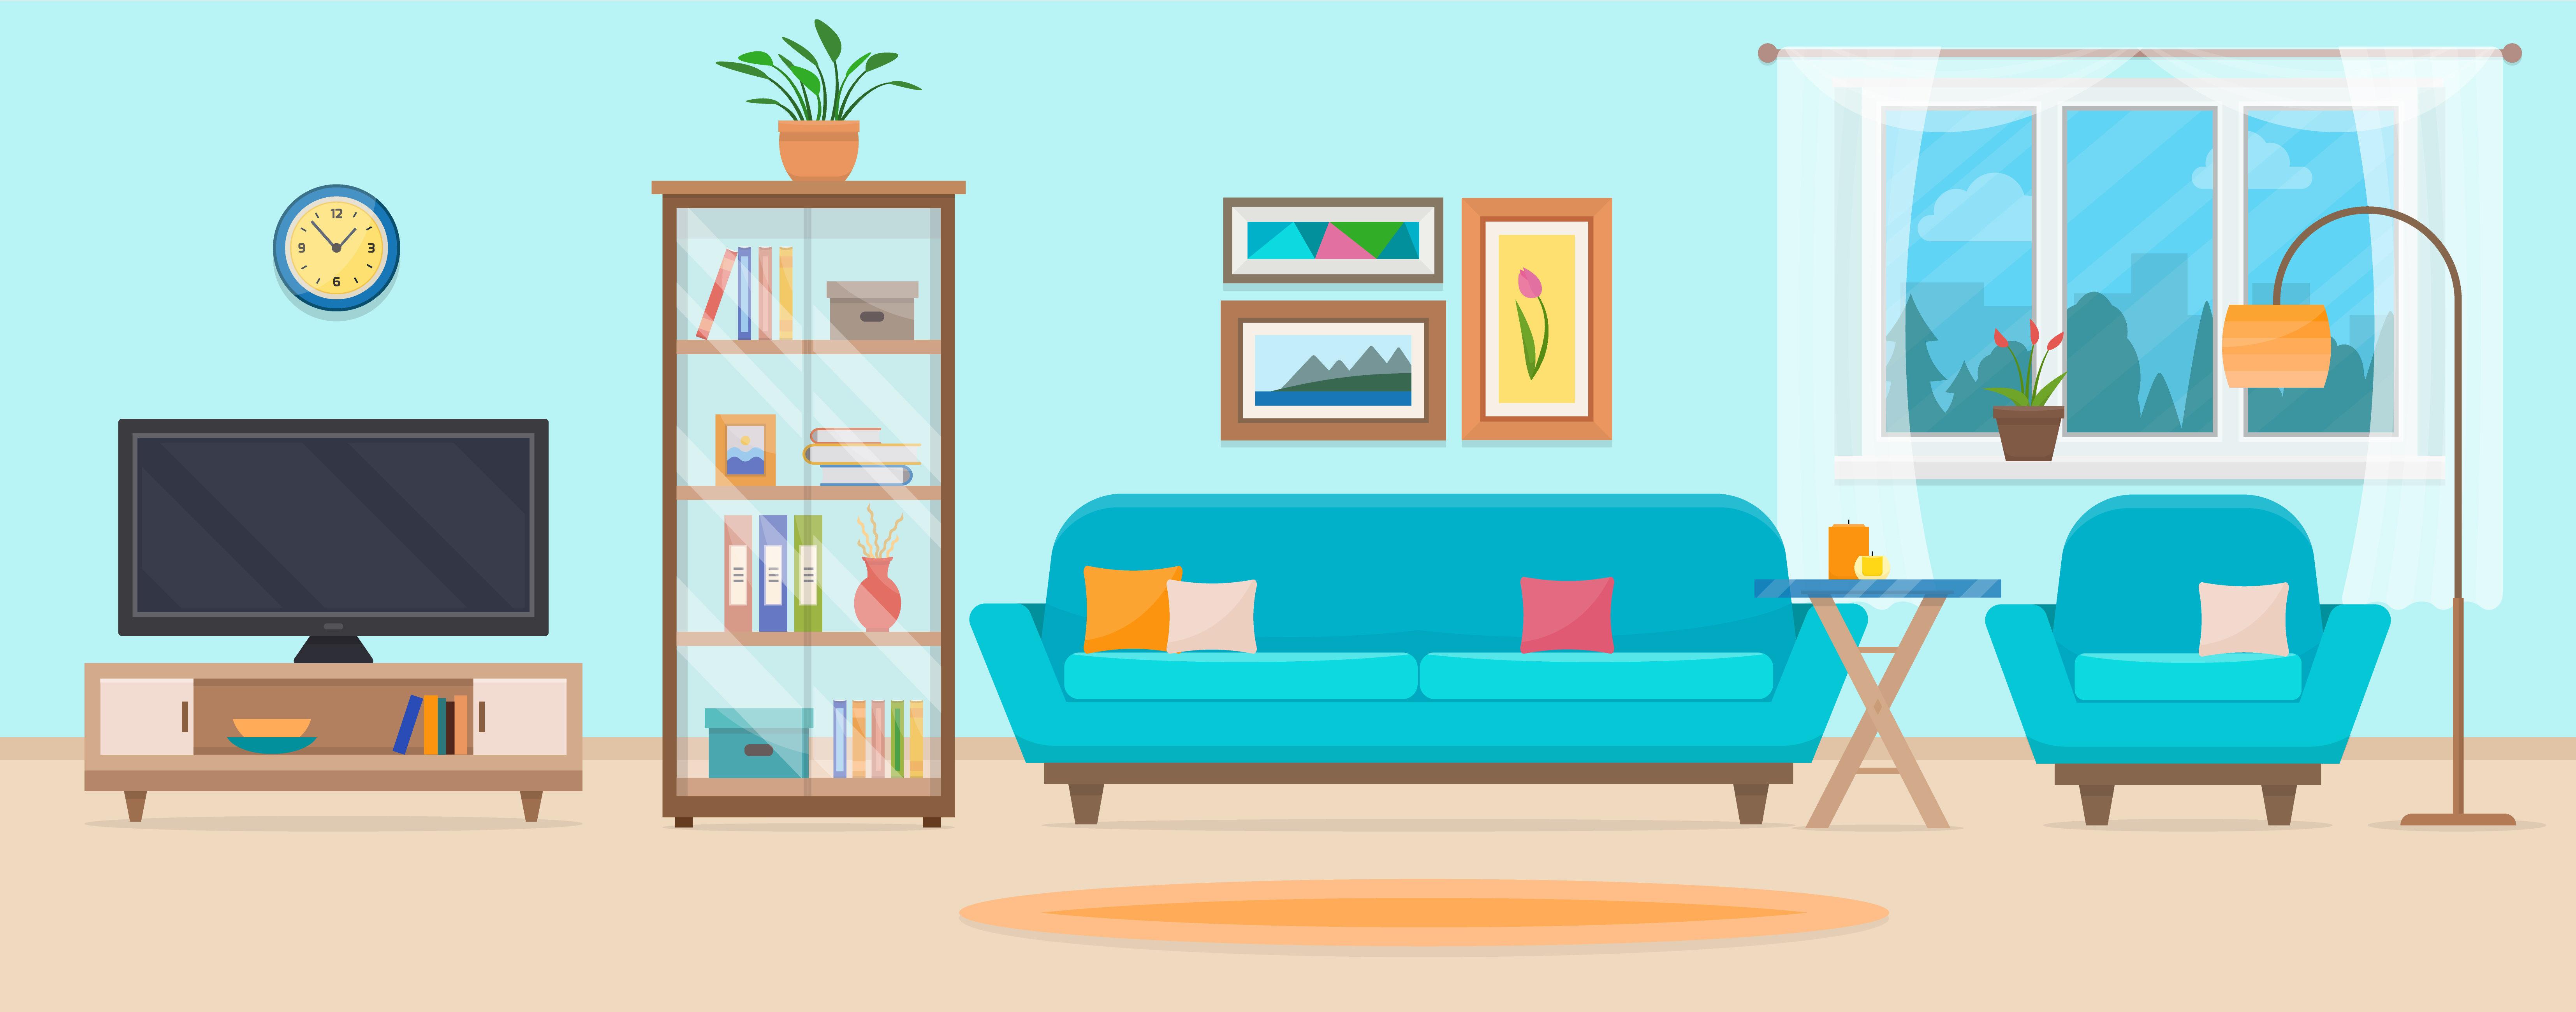 la colocation le guide ultime pour les tudiants maison tendance. Black Bedroom Furniture Sets. Home Design Ideas